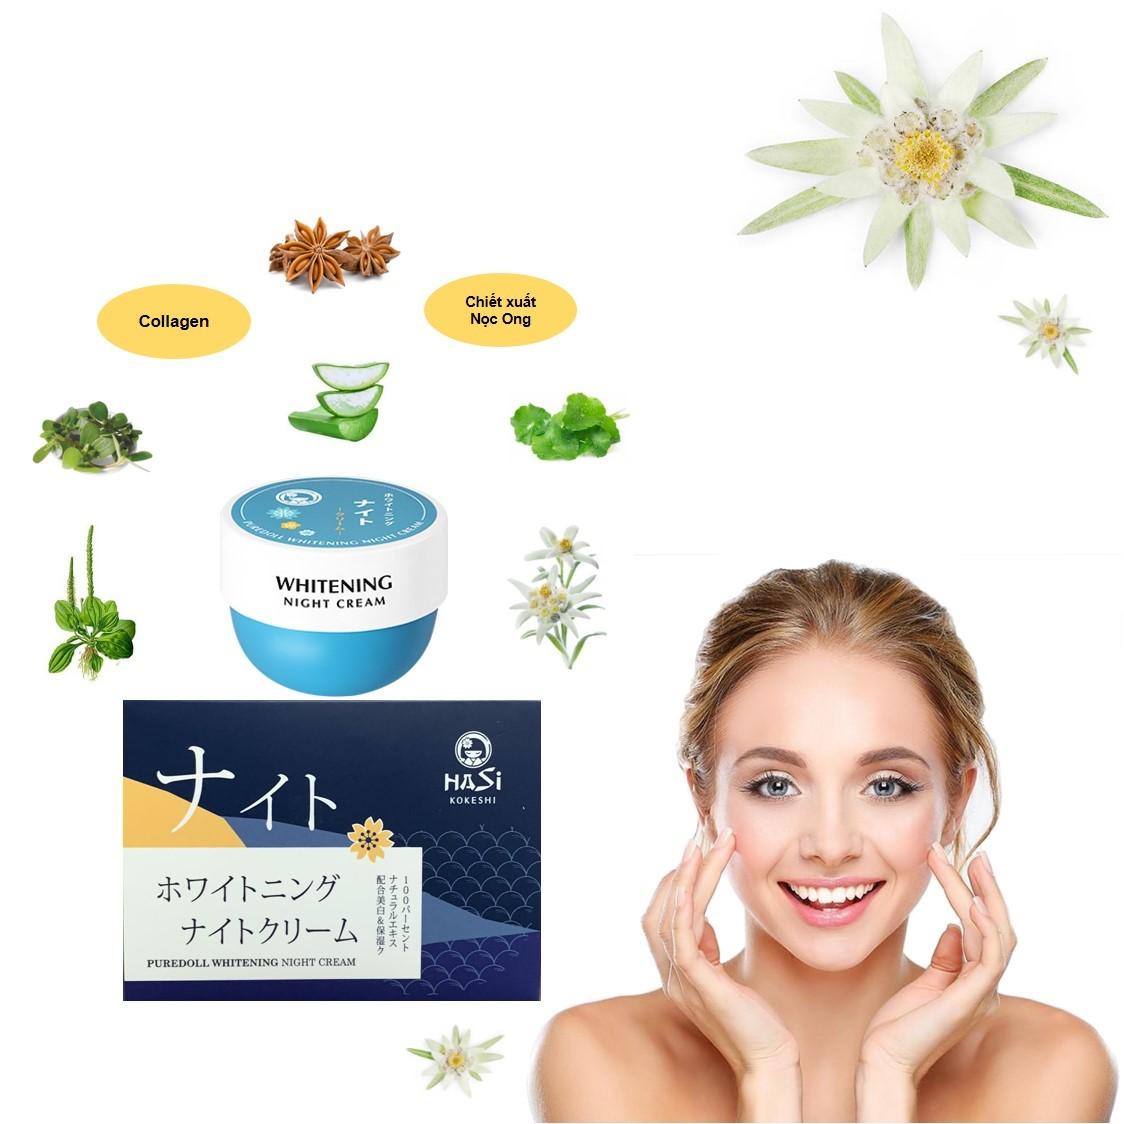 Bộ Dưỡng Da Ban Ngày & Ban Đêm Hasi Kokeshi Puredoll Whitening Day Cream &  Night Cream - Bộ chăm sóc da mặt | MyPhamTONA.com